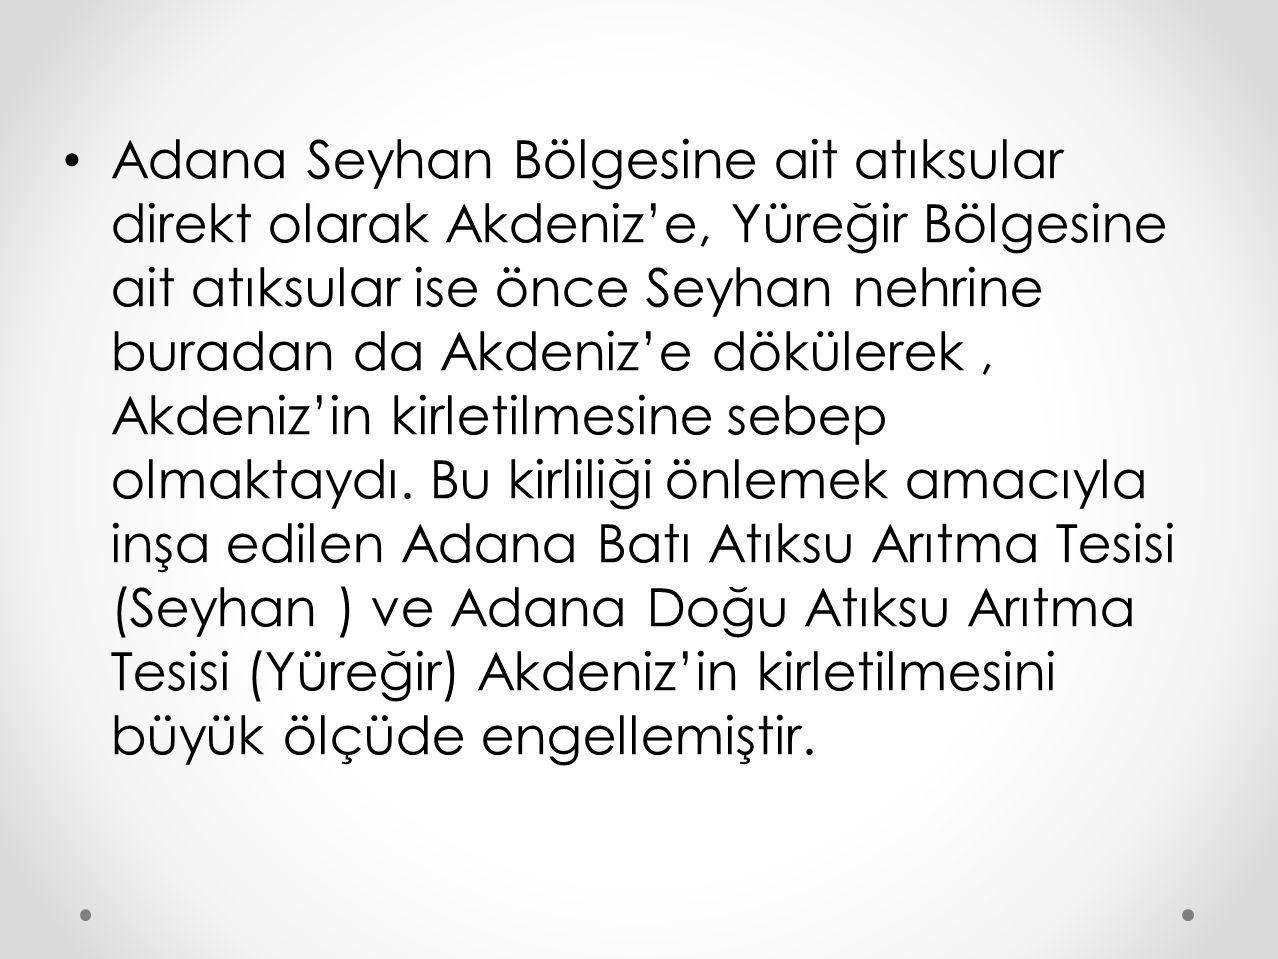 Adana Seyhan Bölgesine ait atıksular direkt olarak Akdeniz'e, Yüreğir Bölgesine ait atıksular ise önce Seyhan nehrine buradan da Akdeniz'e dökülerek,